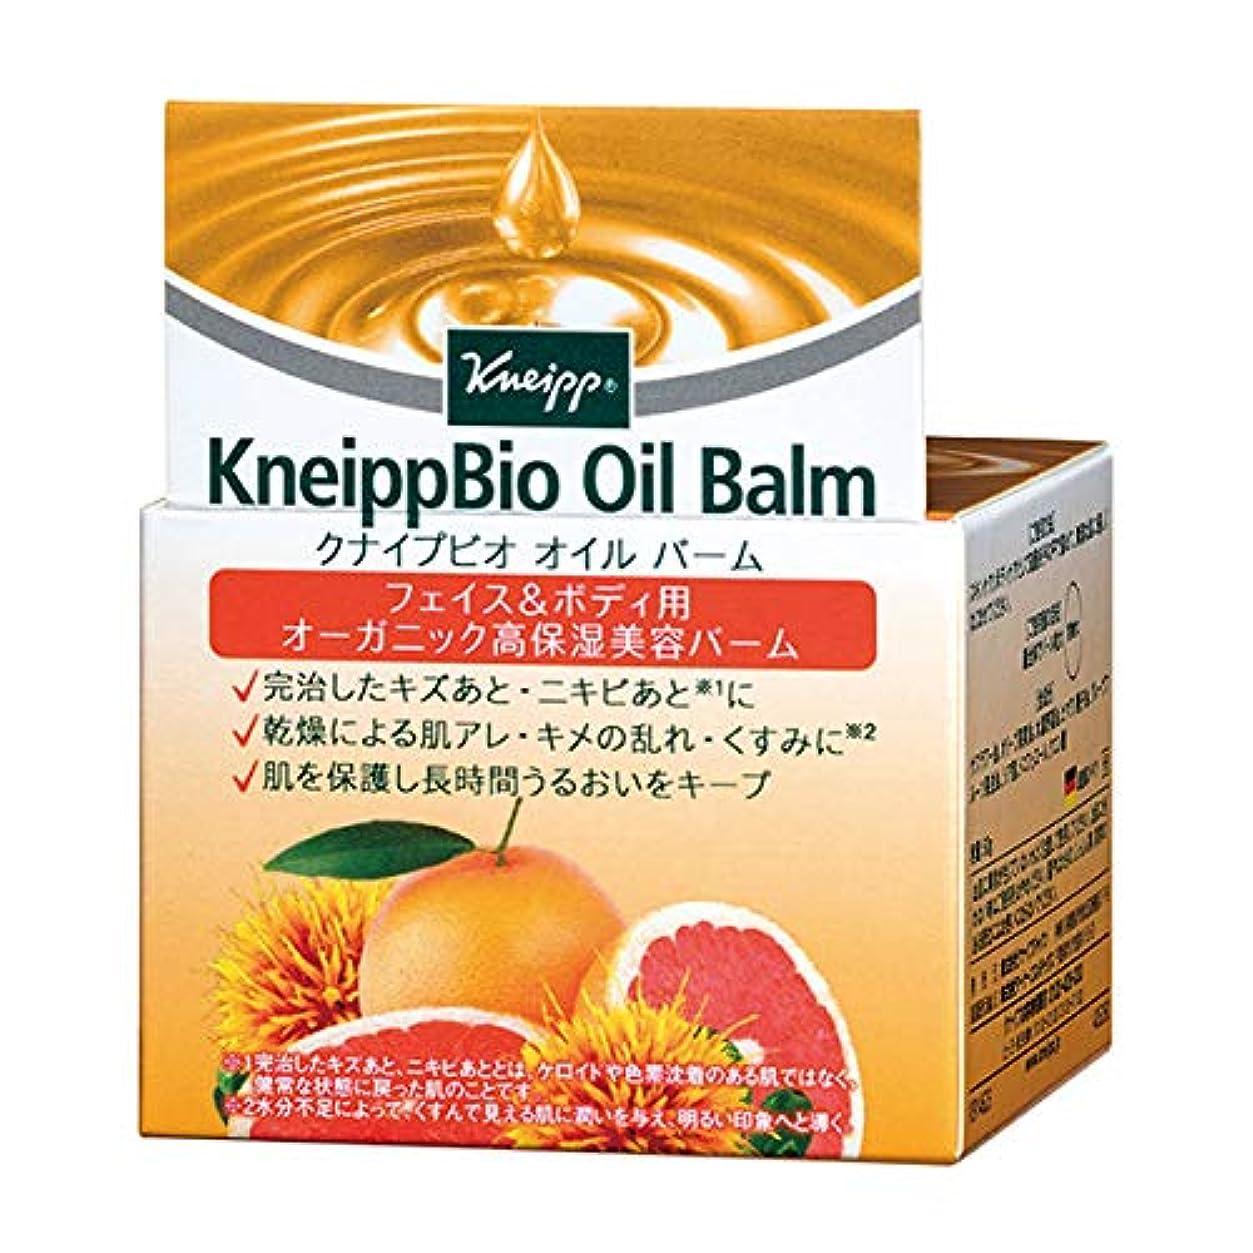 先例保険をかける受動的クナイプ(Kneipp) クナイプビオ オイル バーム 50g 美容液